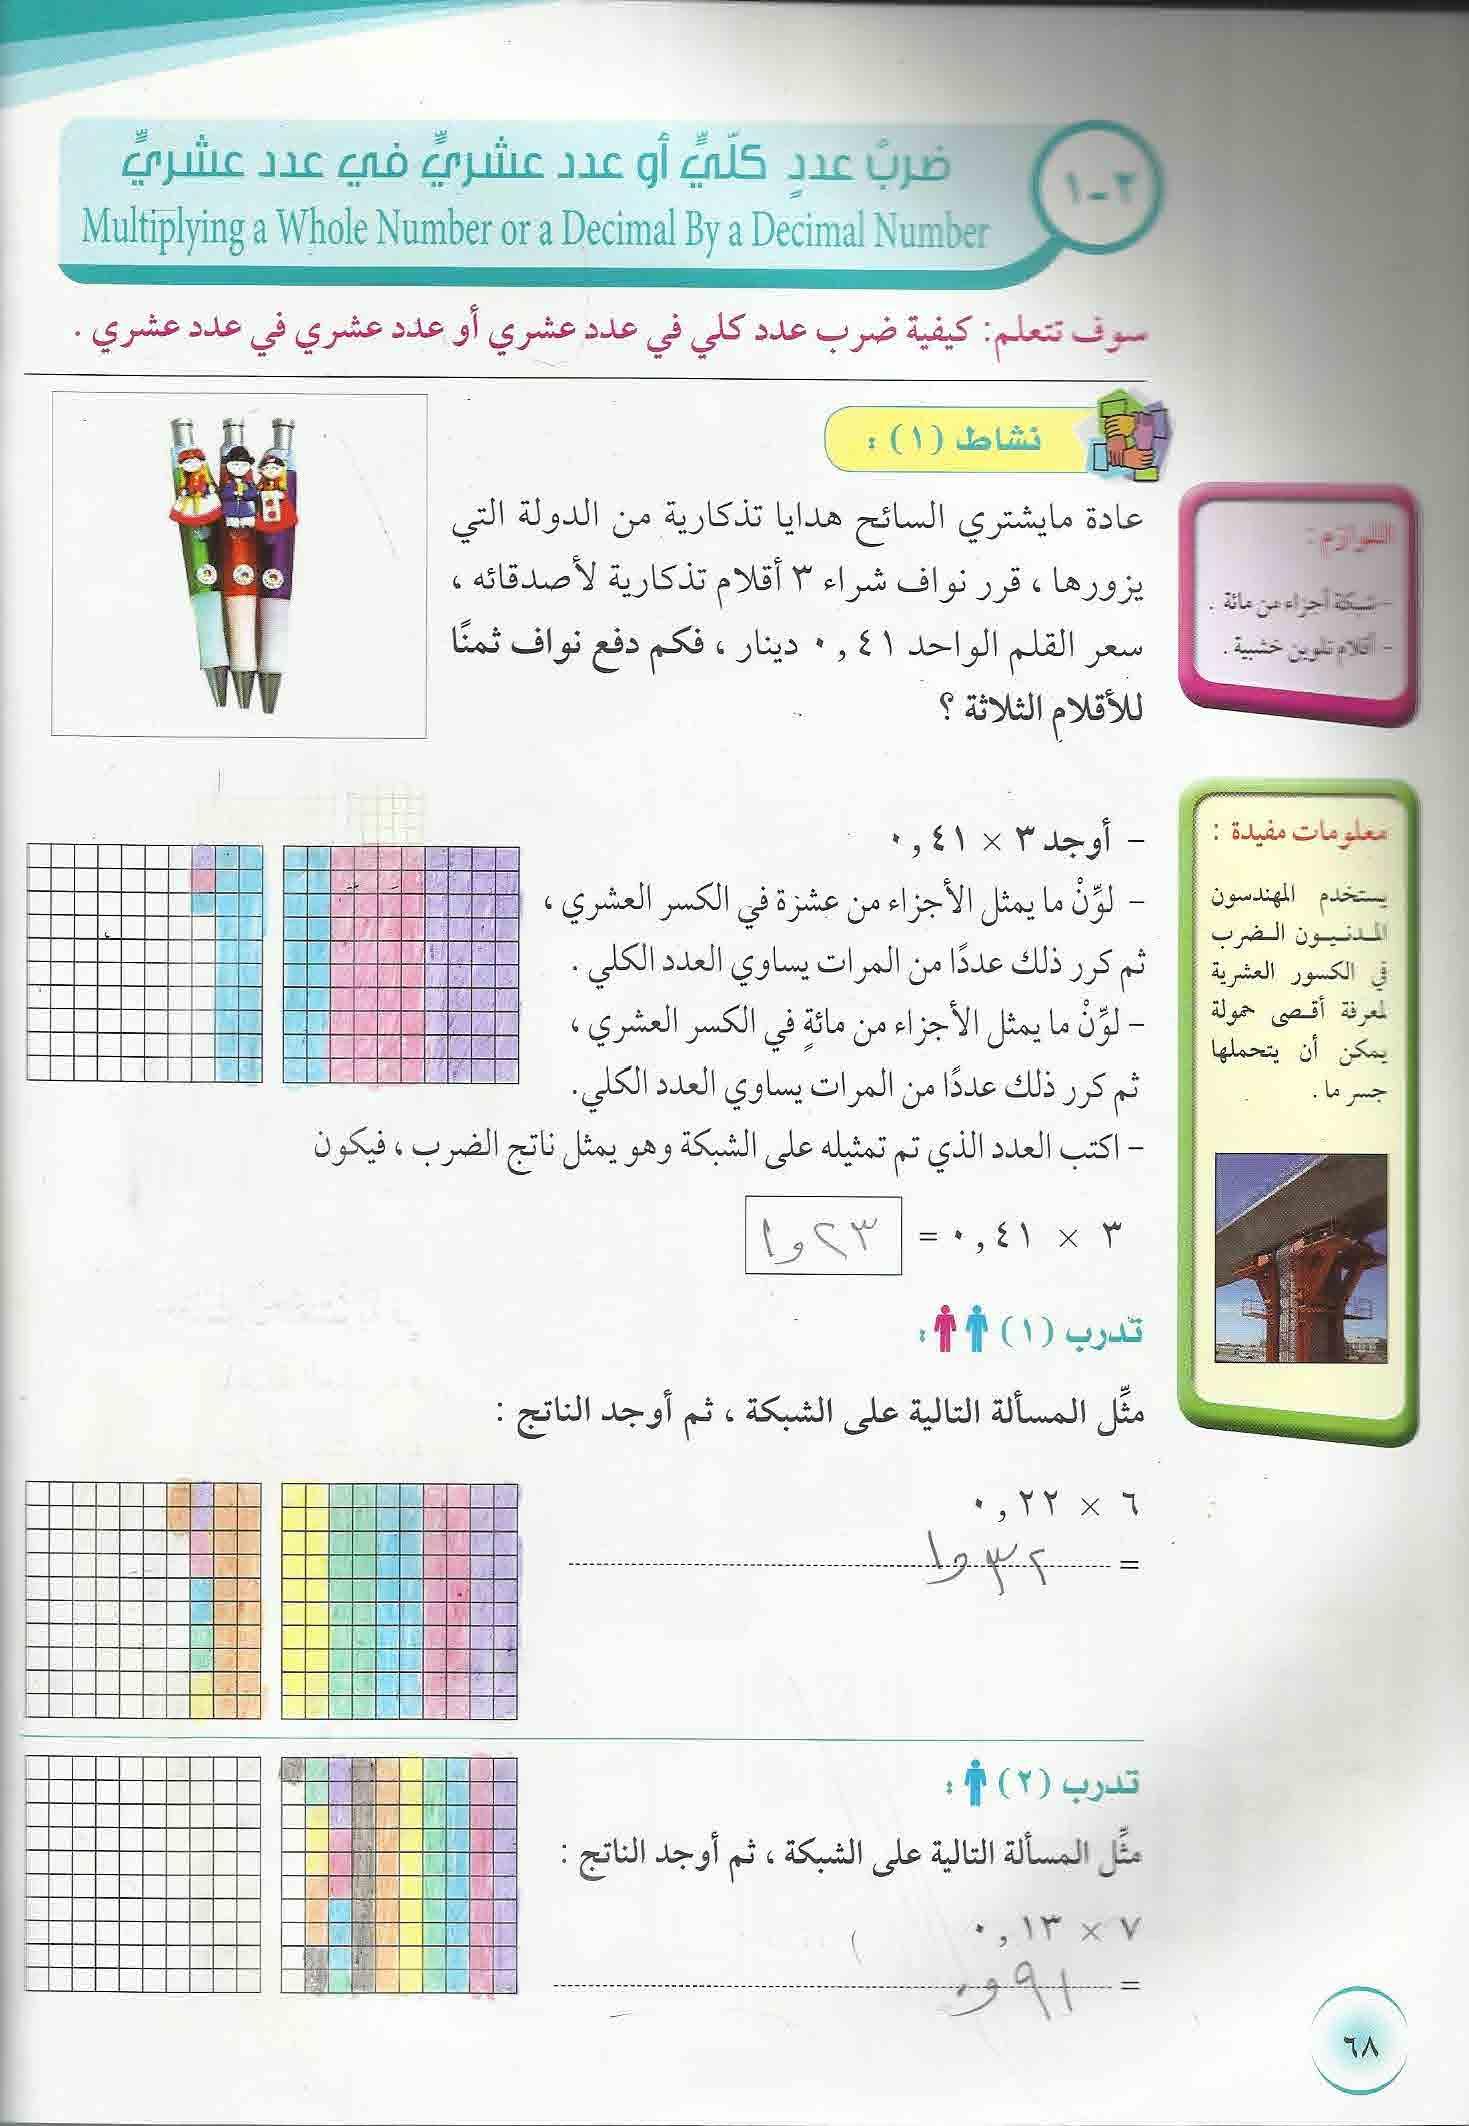 حل كتاب الرياضيات سابع سوريا